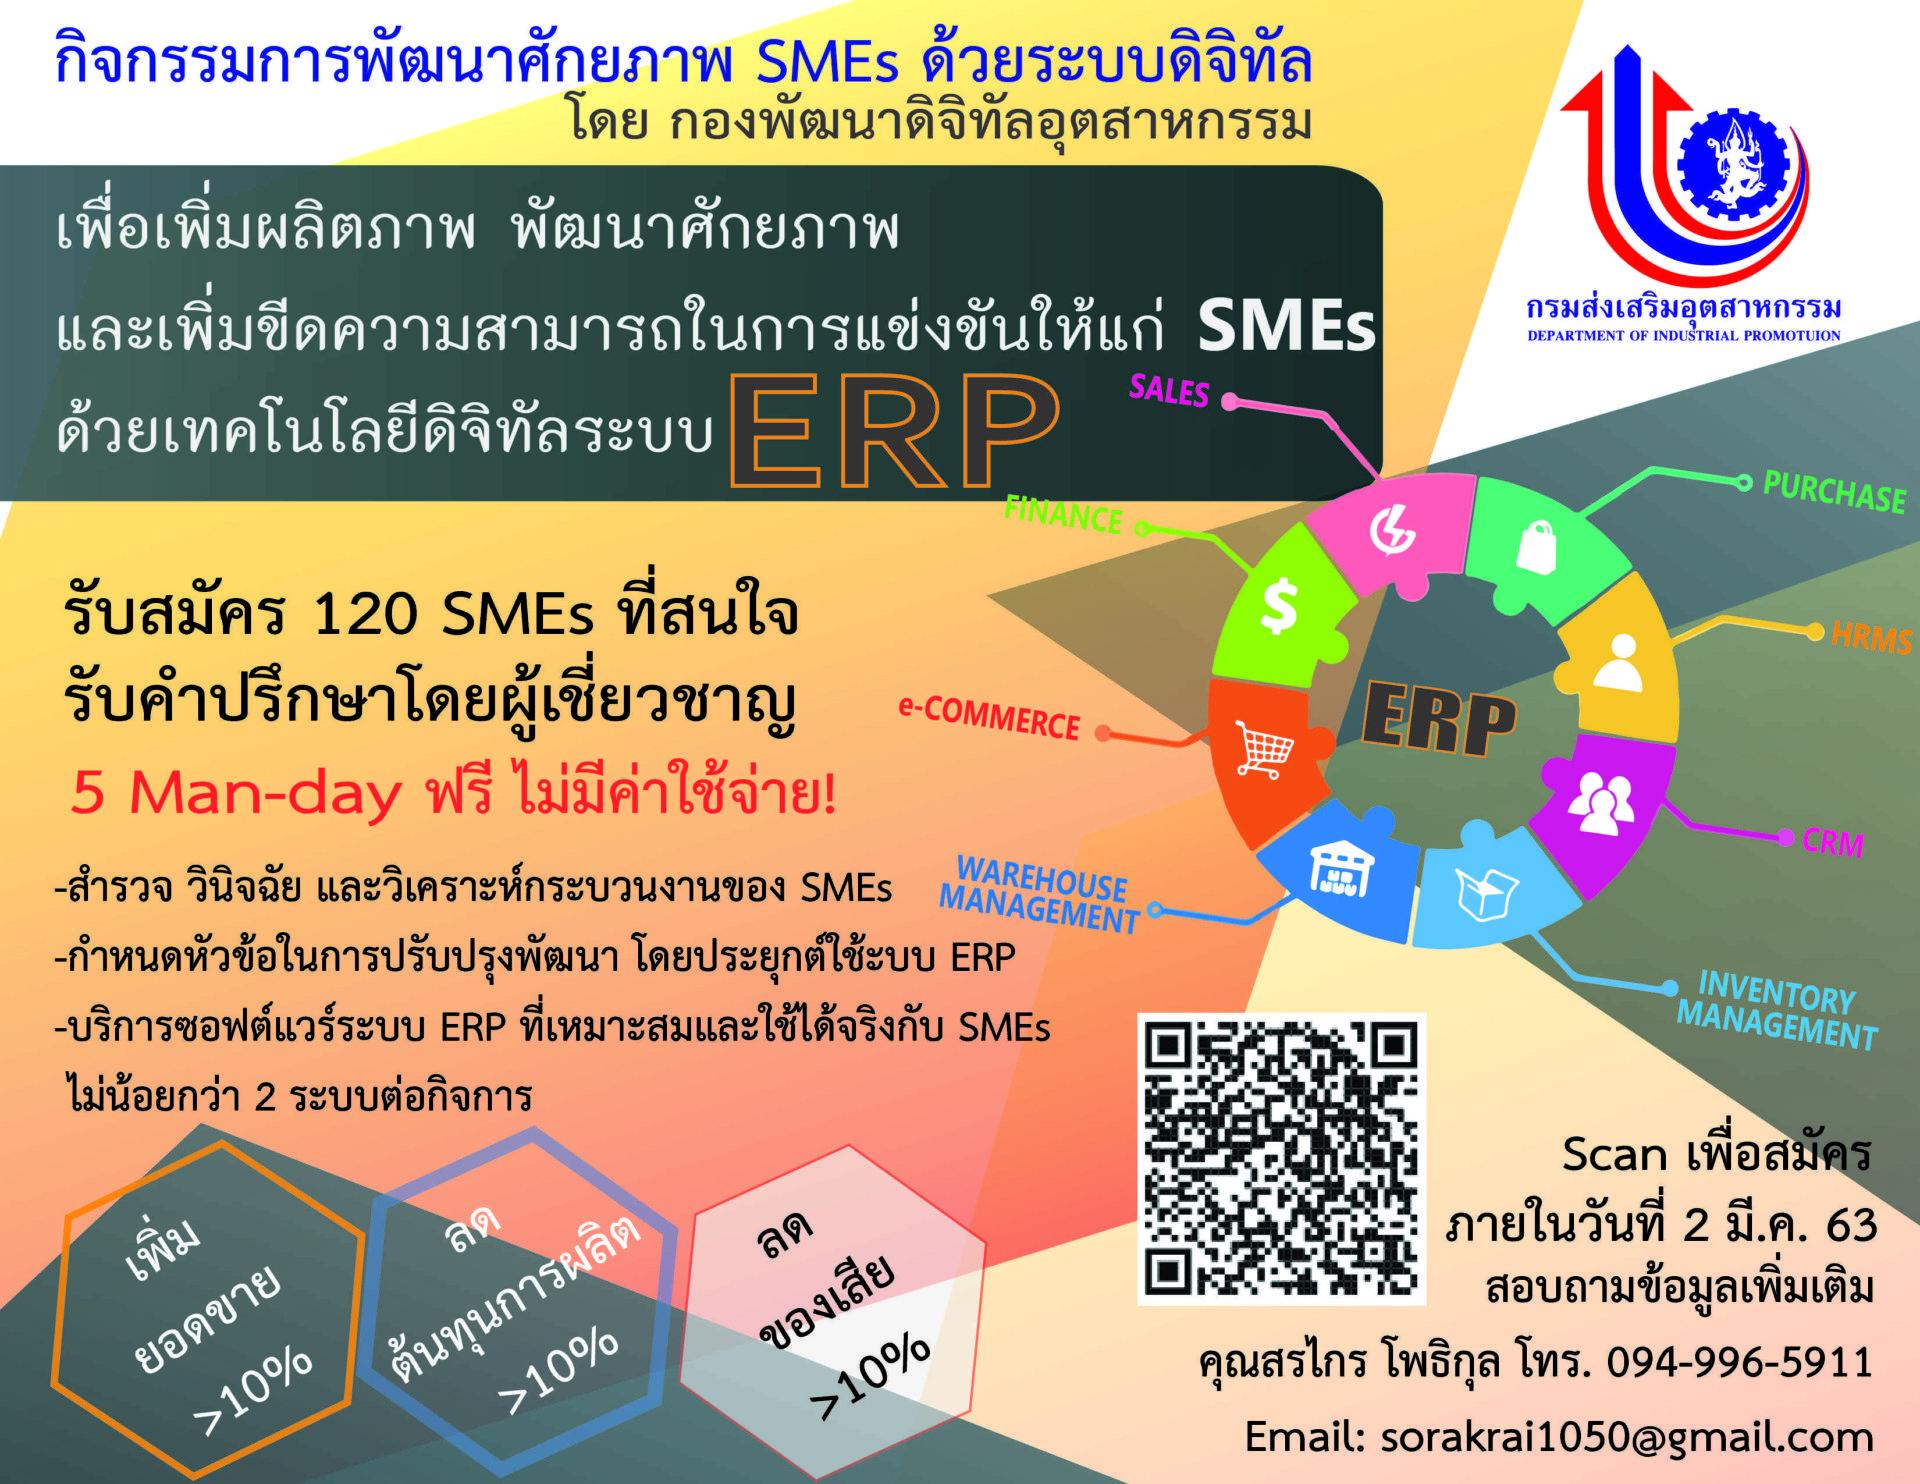 กิจกรรมพัฒนาศักยภาพ SMEs ด้วยระบบดิจิตอล รับสมัคร 120 SMEs ที่สนใจรับคำปรึกษาโดยผู้เชี่ยวชาญ ฟรีไม่มีค่าใช้จ่าย